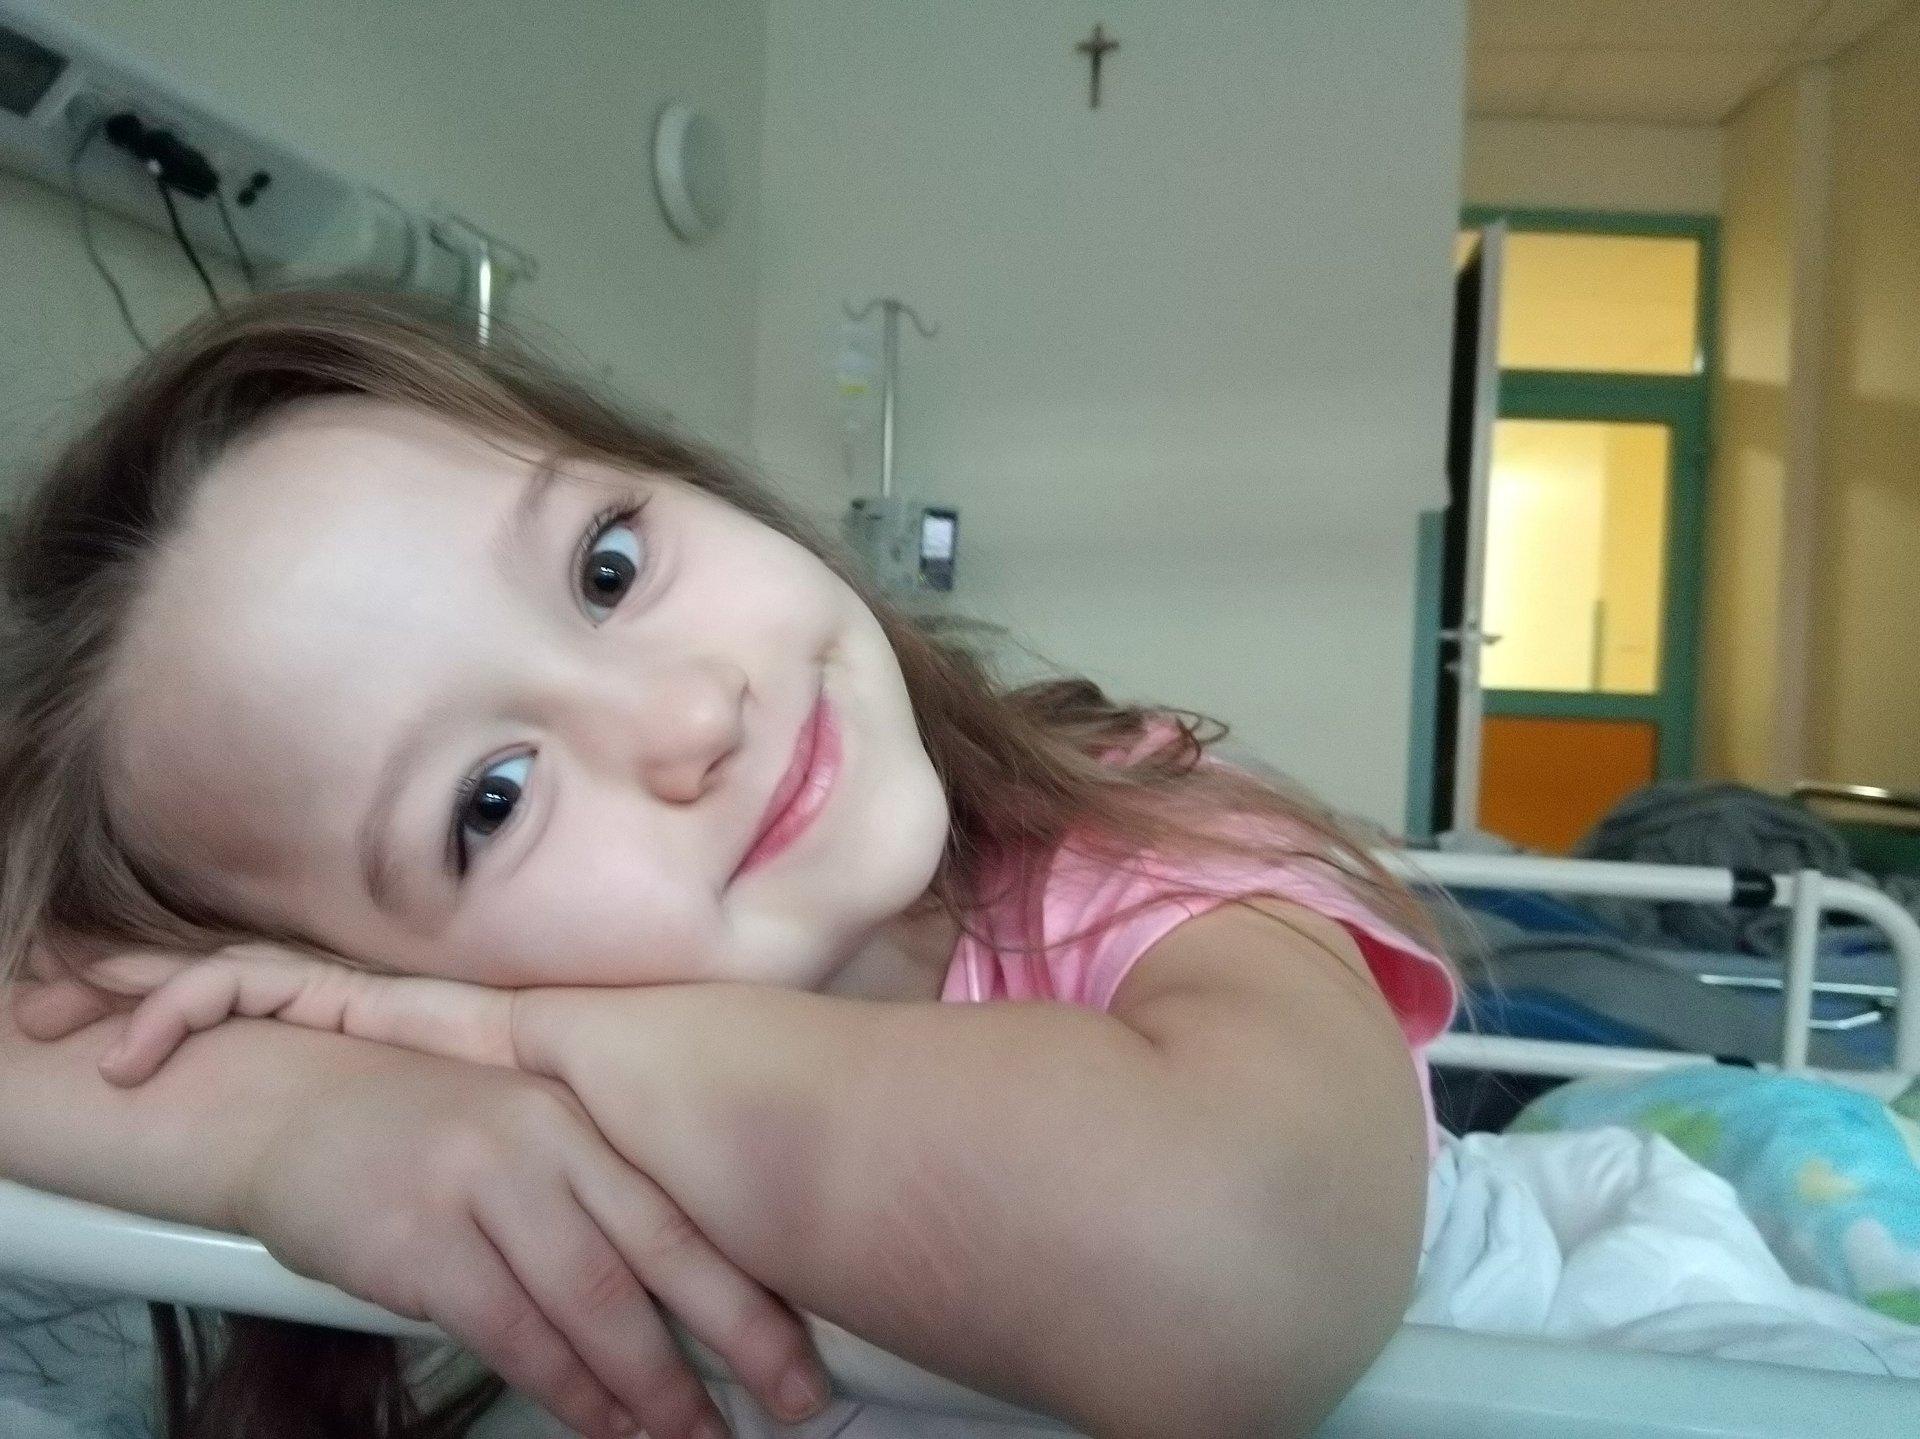 Rak nie zna metryki – na te nowotwory dzieci chorują najczęściej